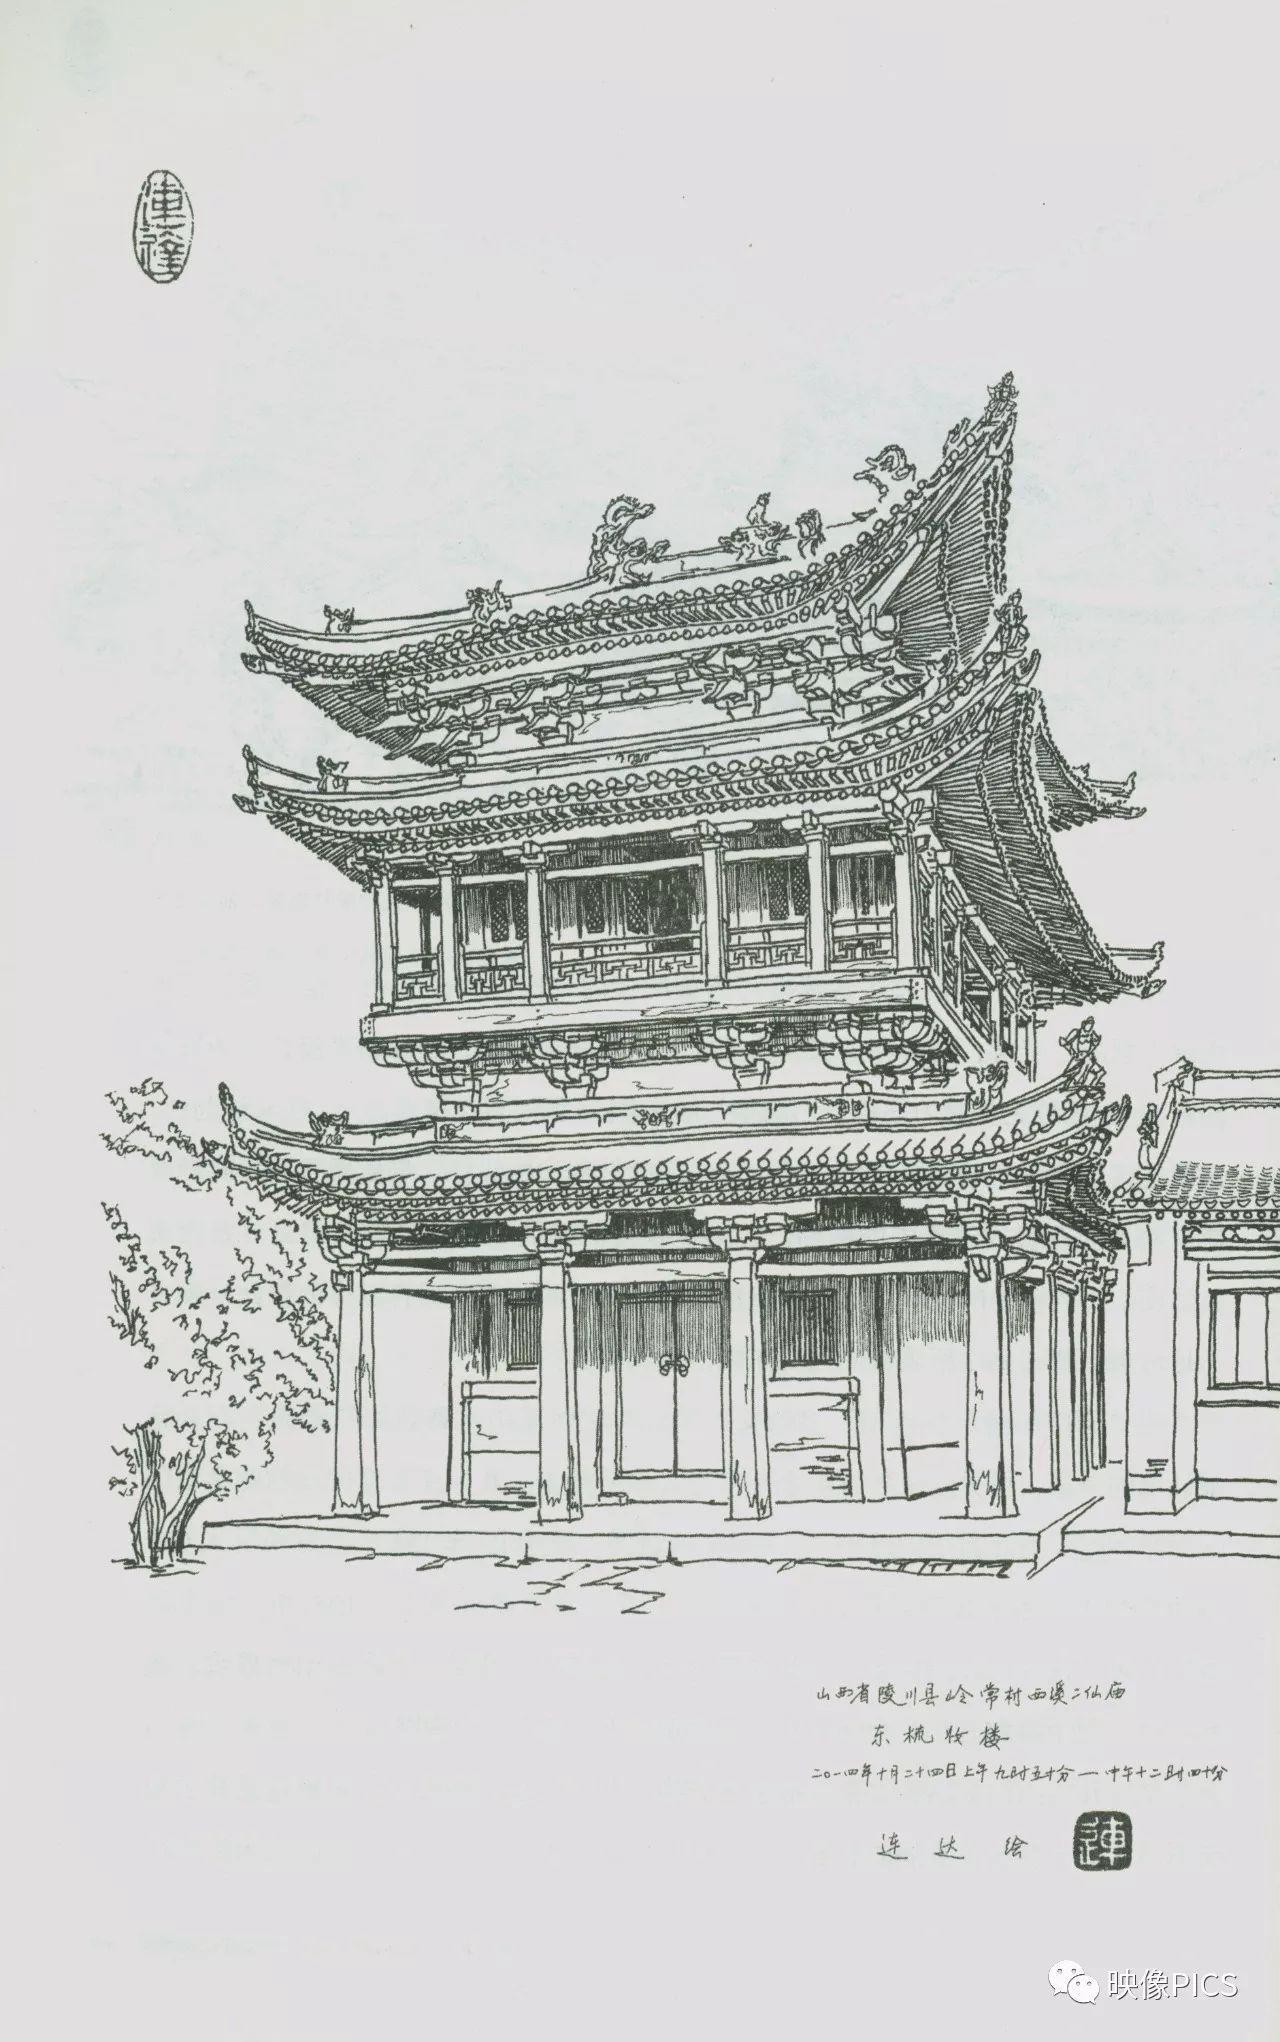 连达:用画笔记录山西古建